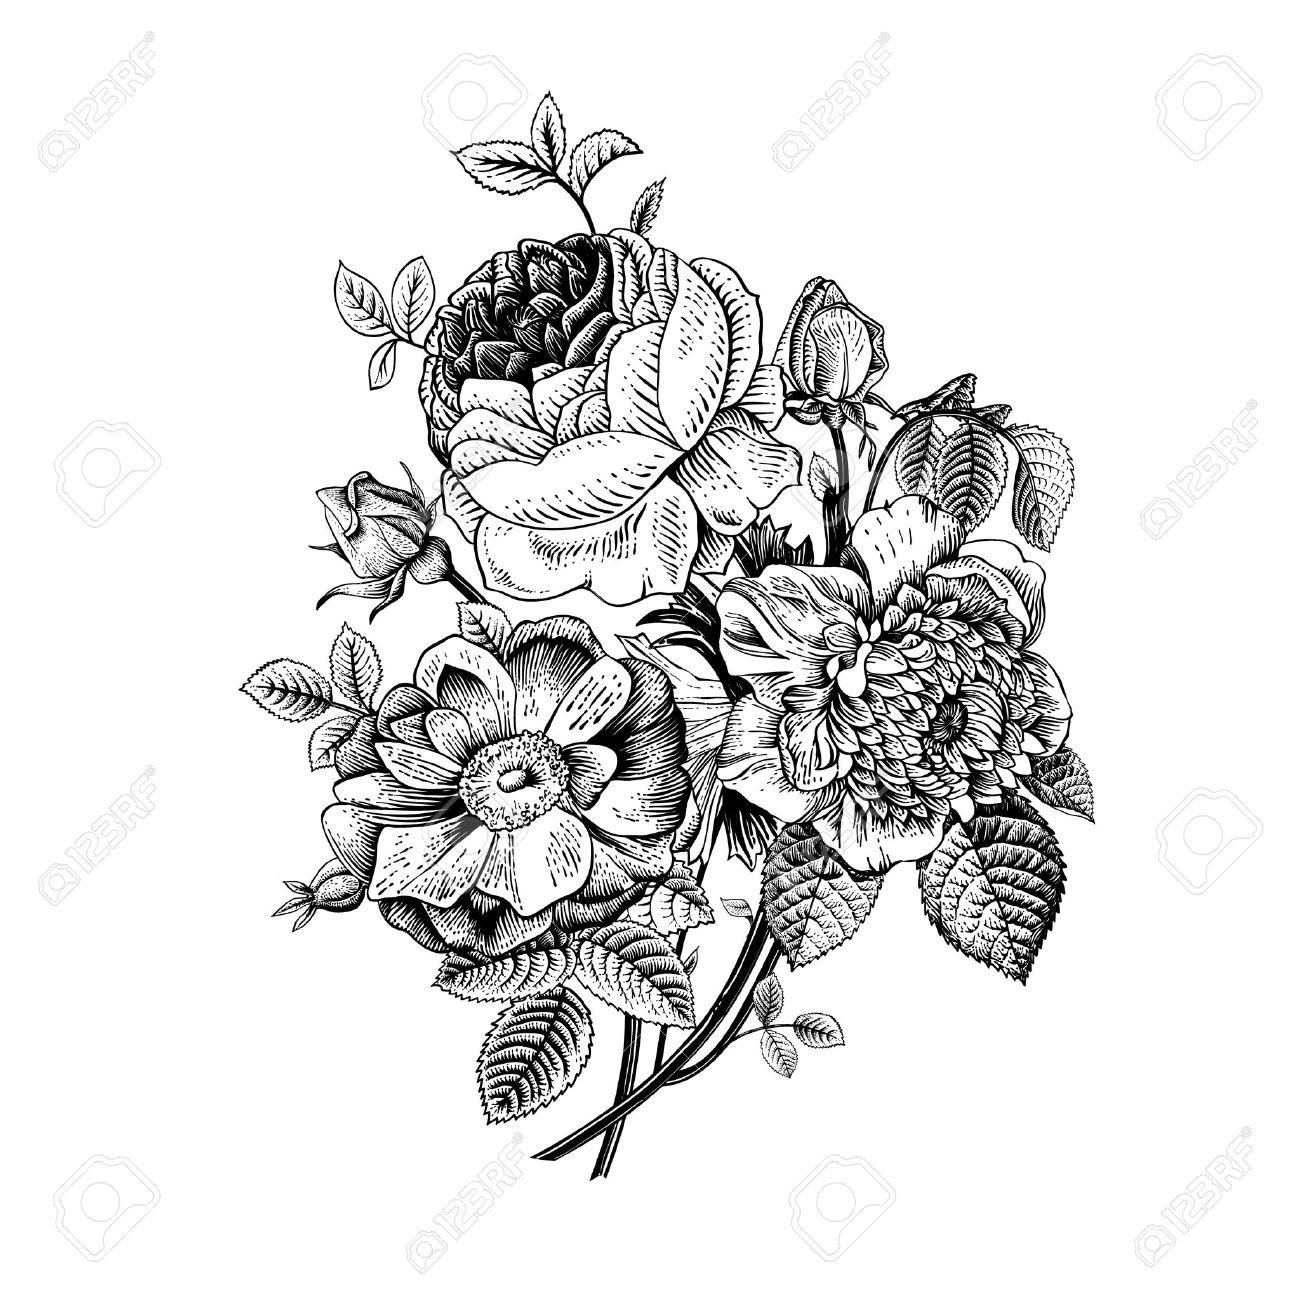 Célèbre Fleurs Noir Et Blanc Banque D'Images, Vecteurs Et Illustrations  TT69